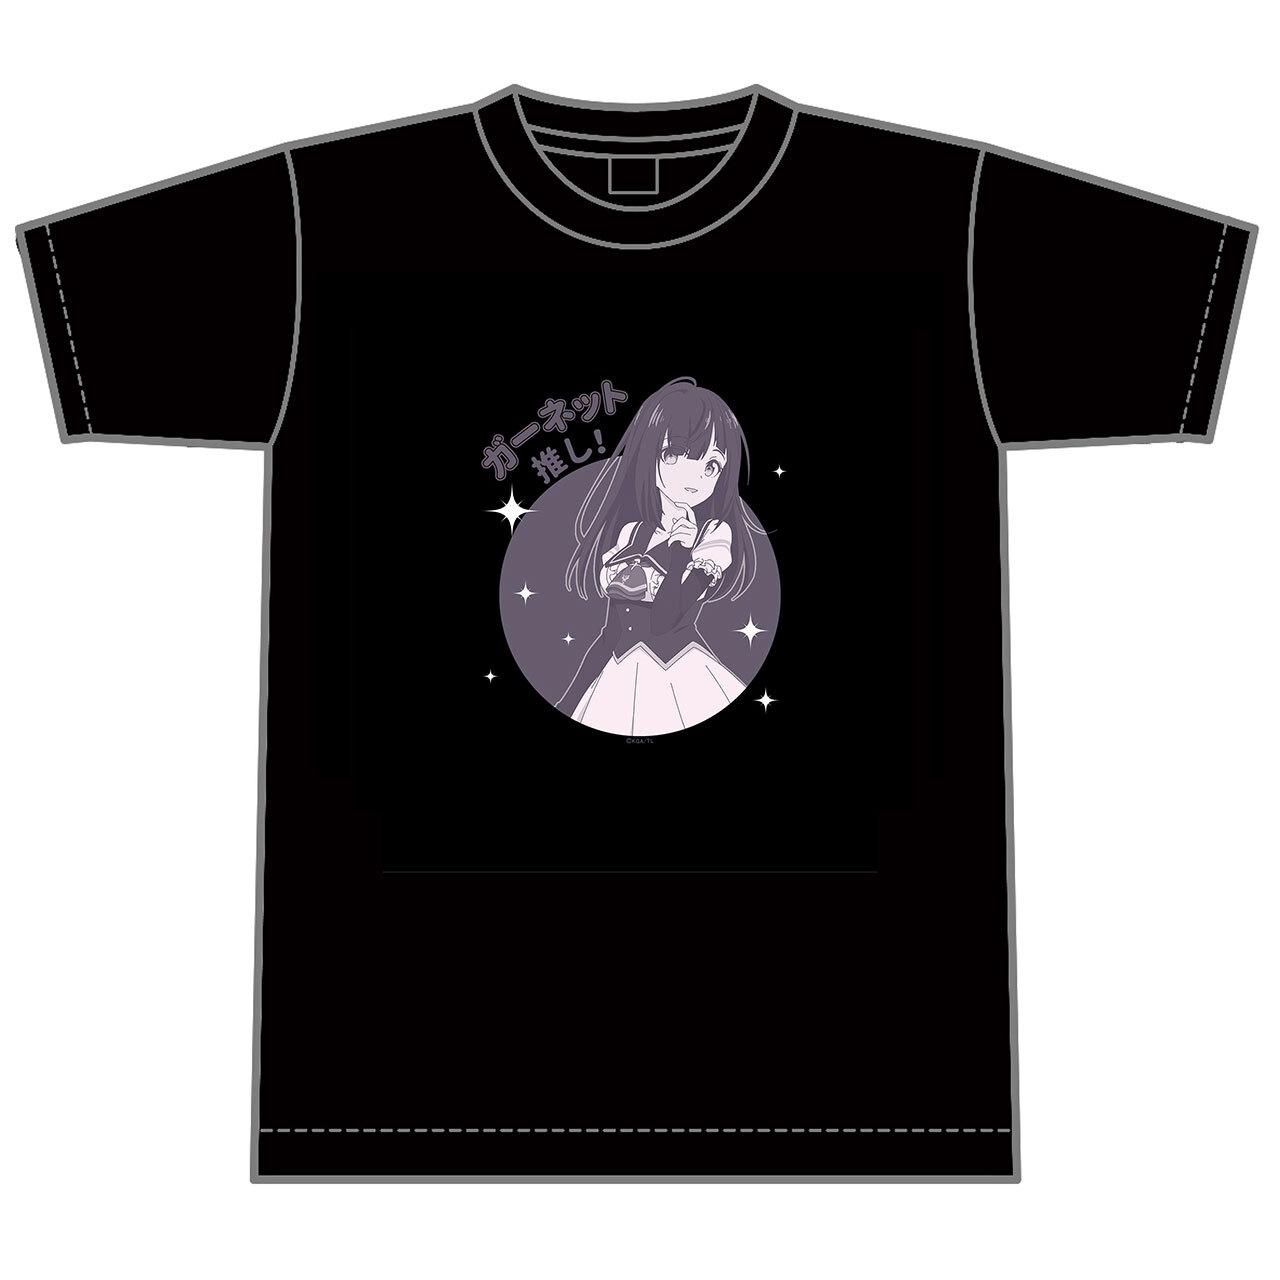 【4589839354950予】ラピスリライツ ガーネット 推しTシャツ/Lサイズ